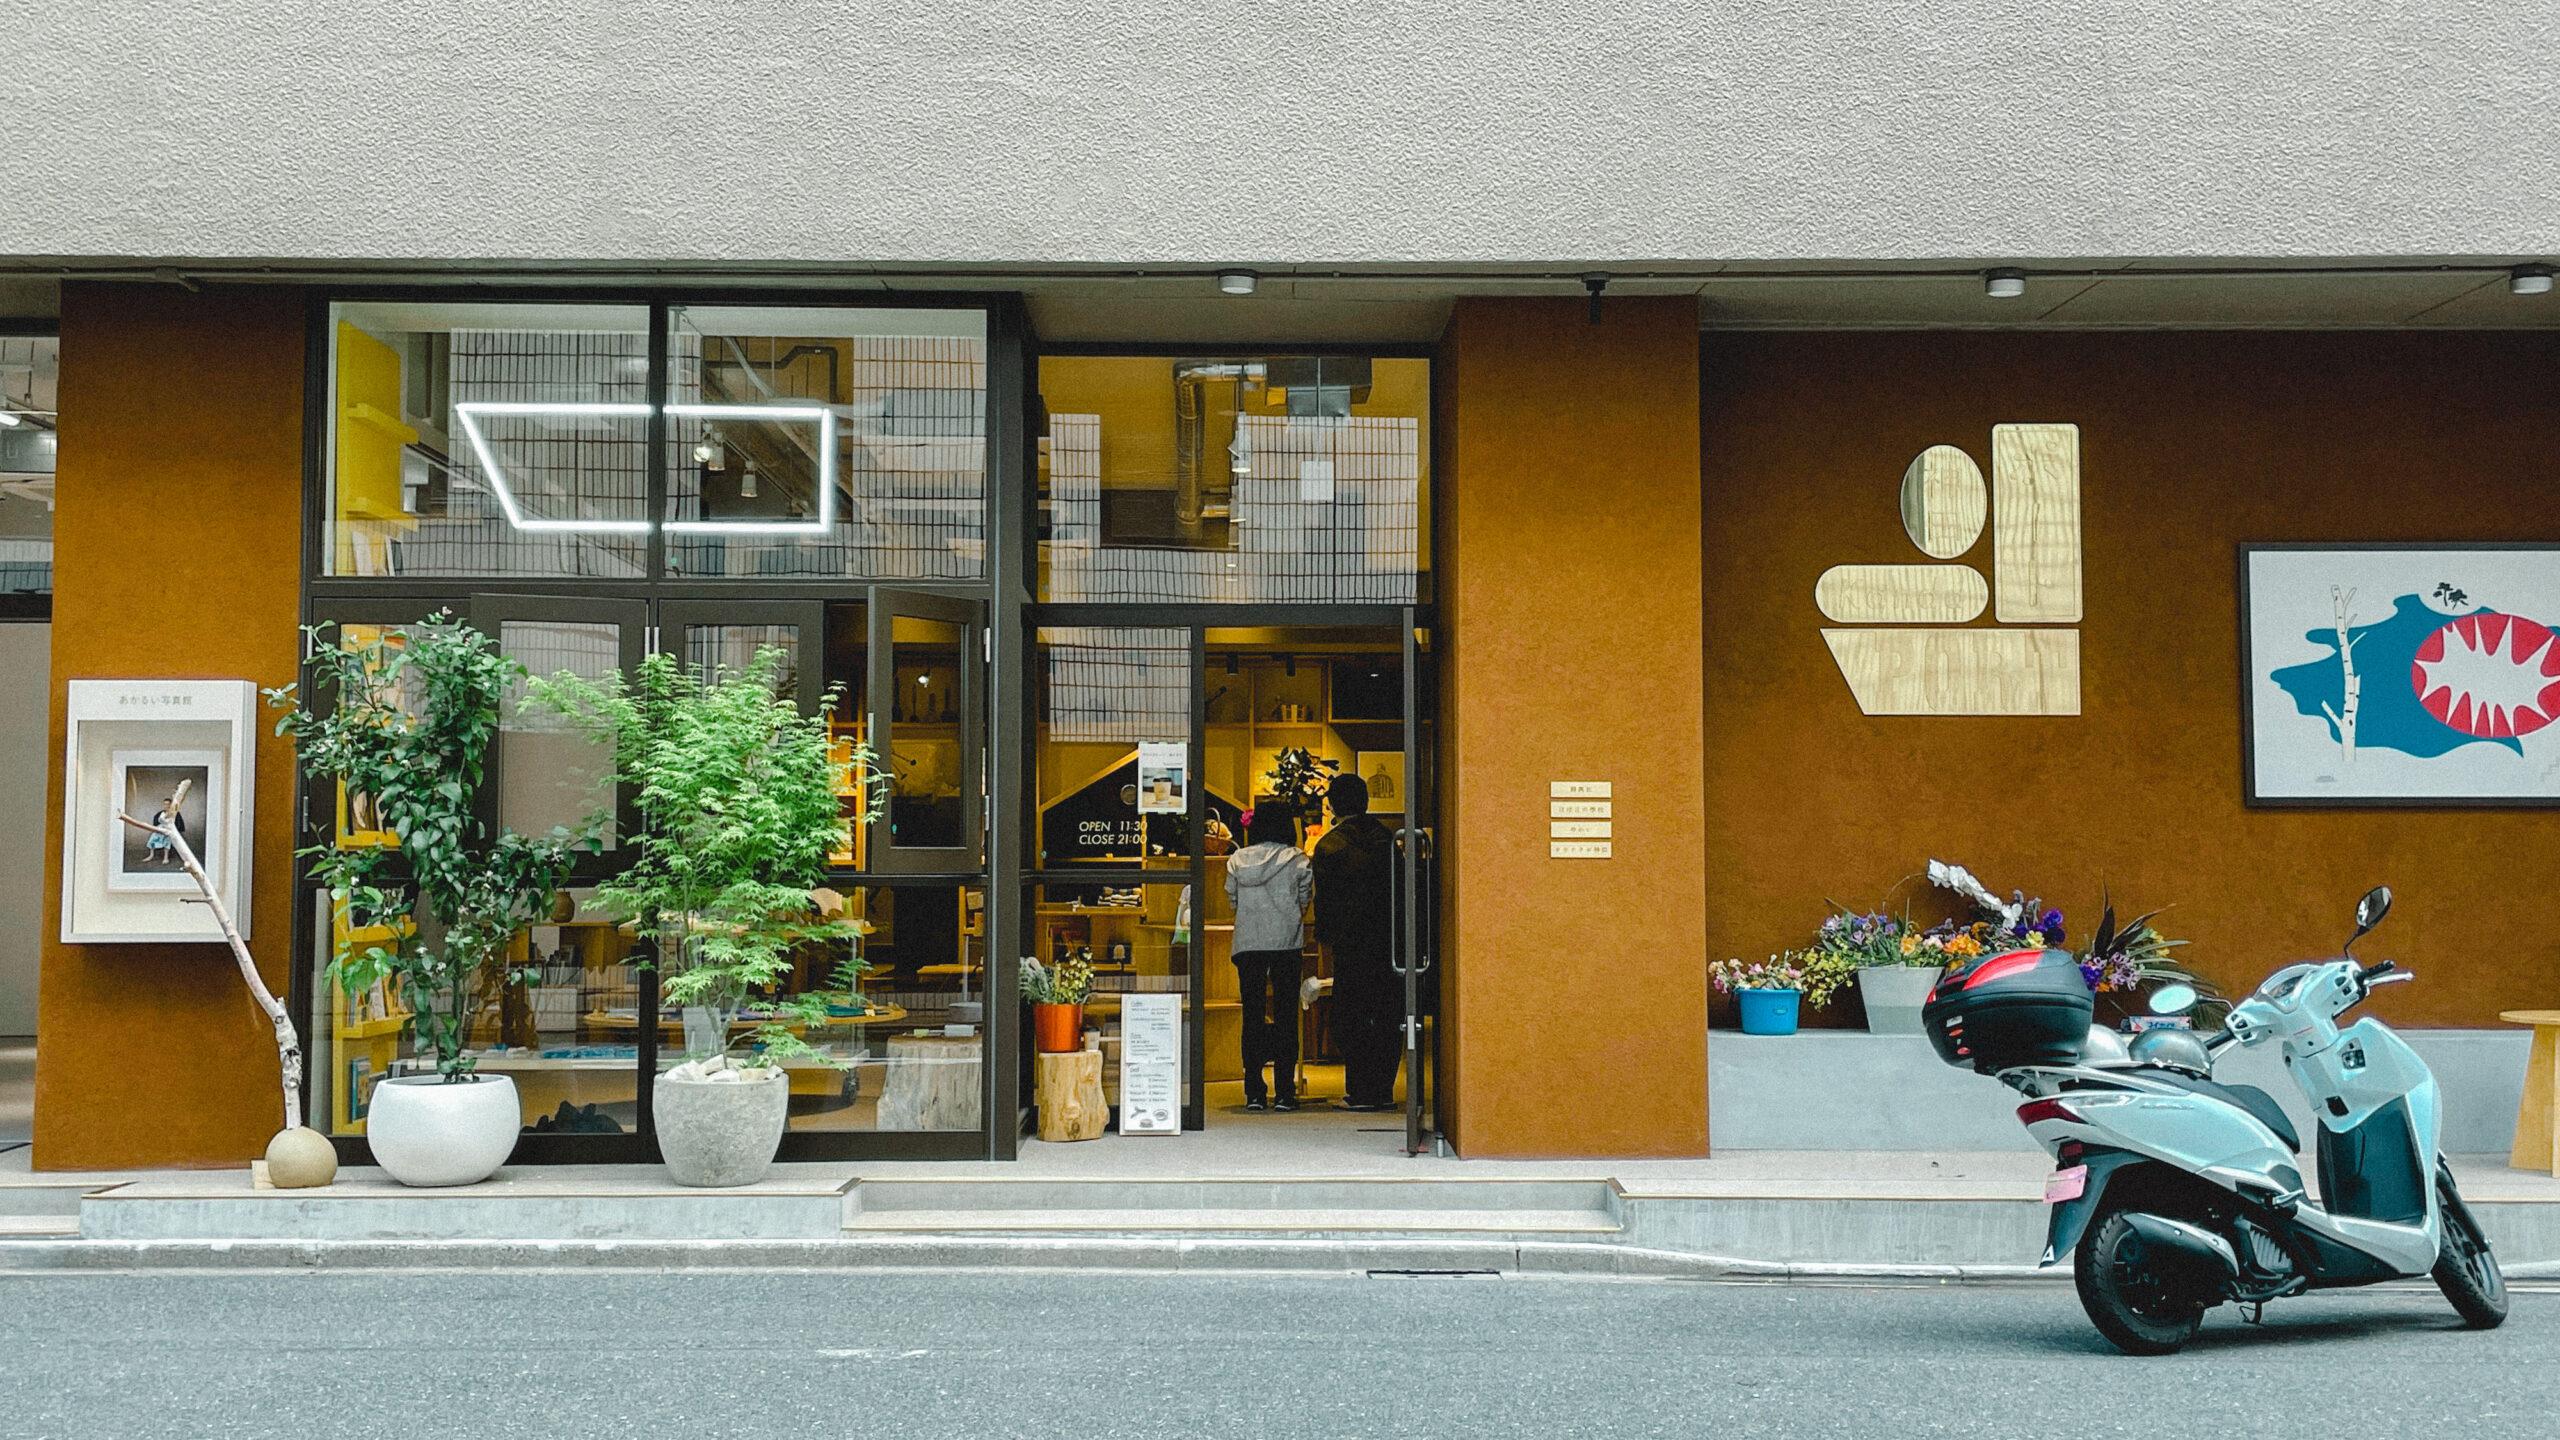 サウナラボ 神田 sauna lab サウナ 初心者 おすすめ 神田ポートビル カフェ コーヒー IKE SAUNA OKE SAUNA  ほぼ日の学校 コーヒー アンカーコーヒー グッズ サウナマーケット サウナ用品 館内 施設 予約 入場